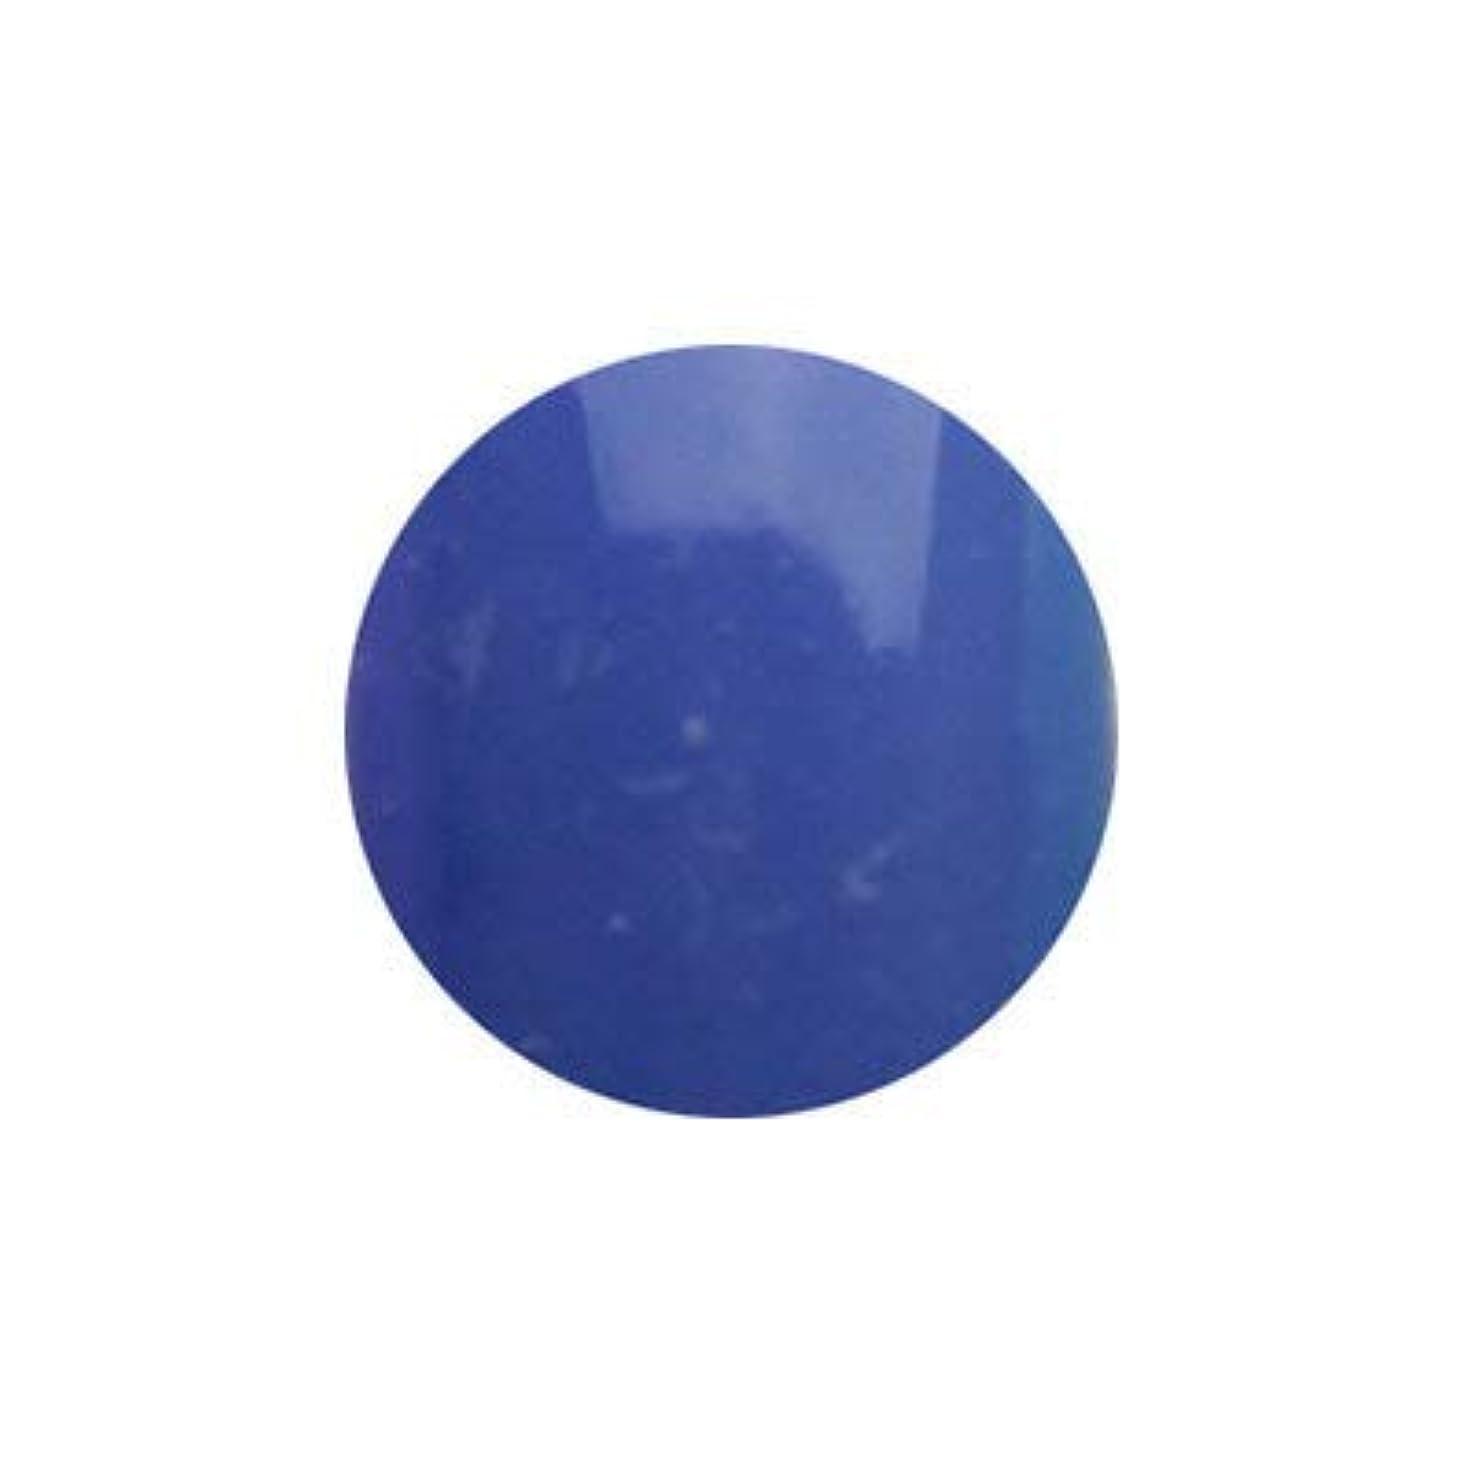 球状周波数ビジュアルT-GEL COLLECTION カラージェル D125 ミルキーブルー 4ml